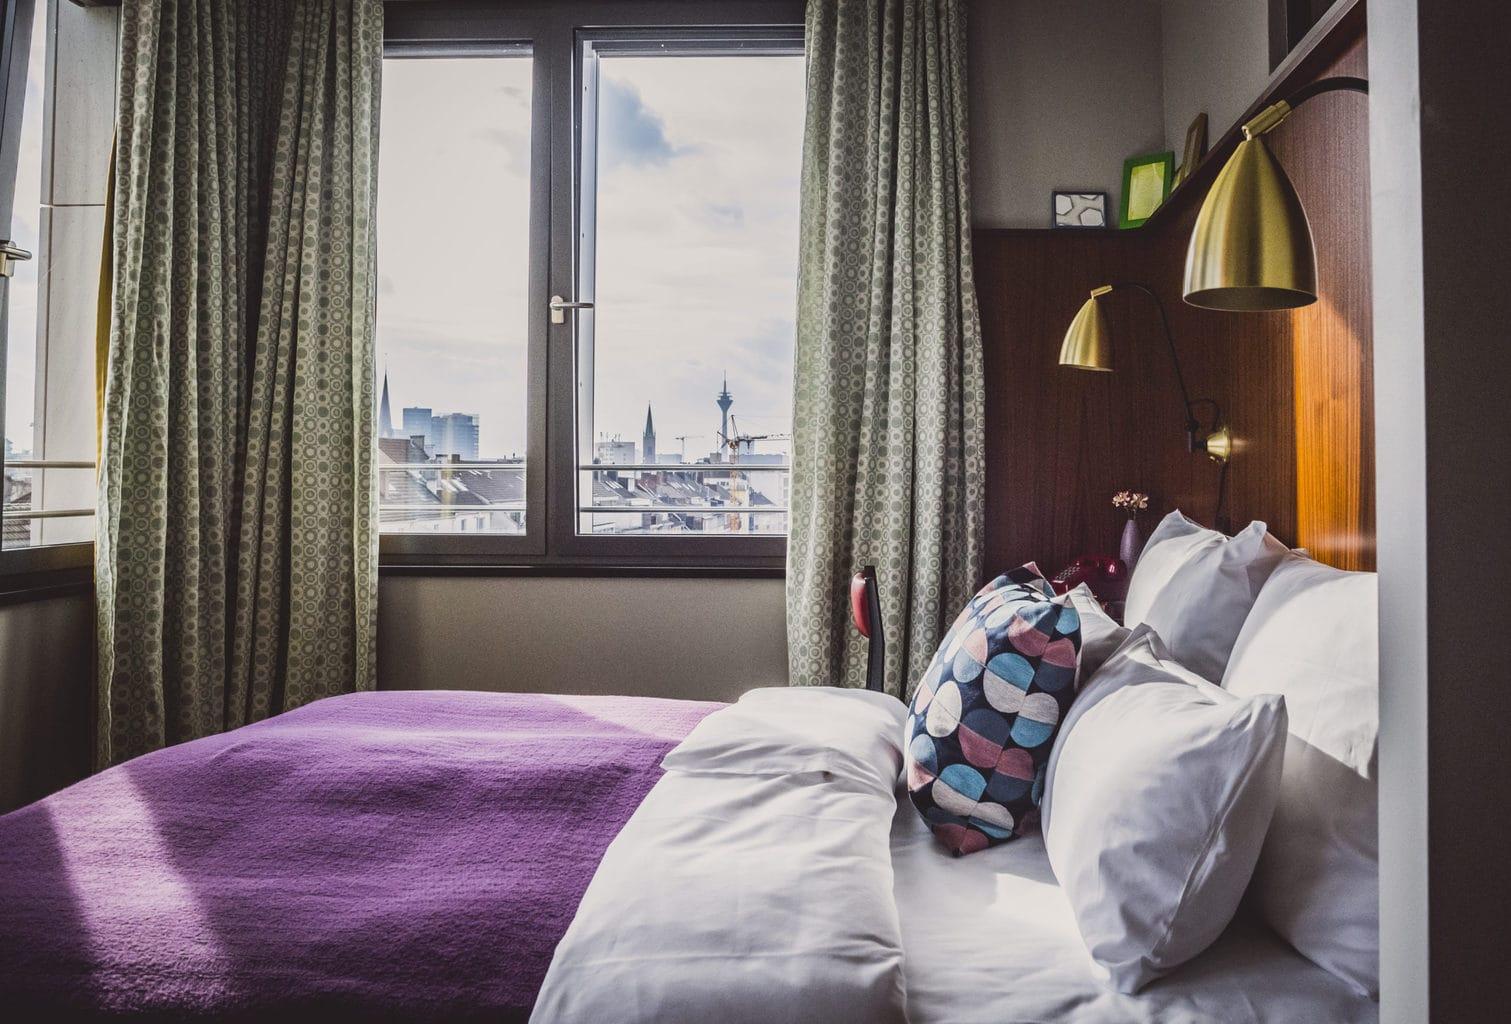 kamer met de stad Düsseldorf op de achtergrond